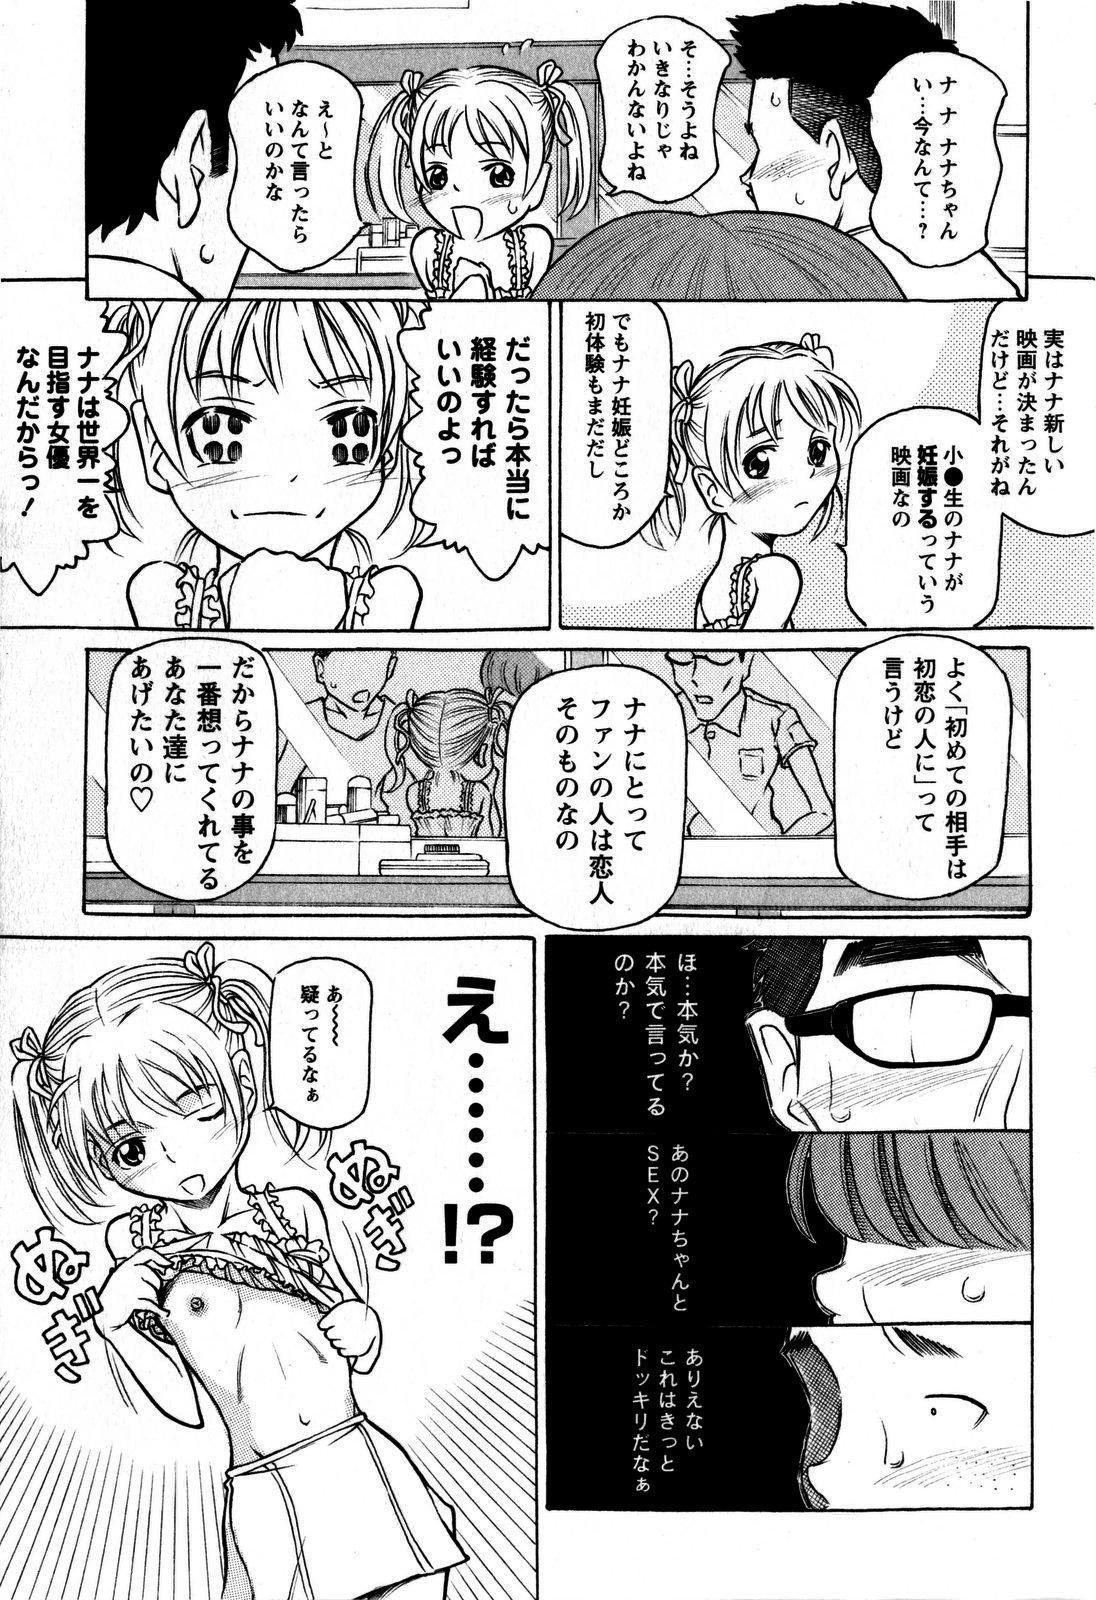 Comic Masyo 2009-06 230